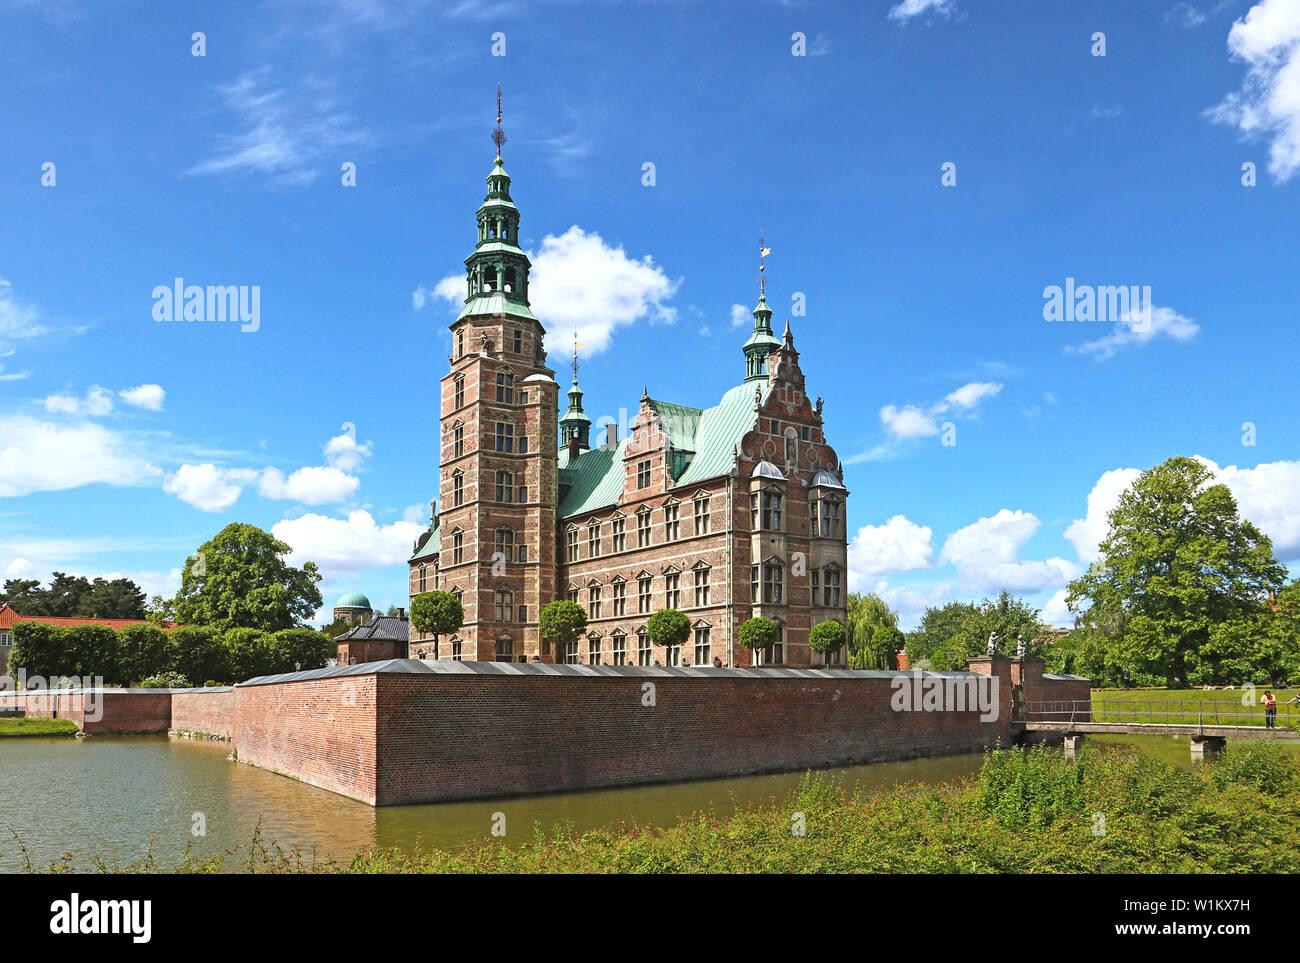 Belle vue sur château de Rosenborg le jardin du roi, dans le centre de Copenhague. Le château a été construit comme maison de pays en 1606 en néerlandais Renaissa Banque D'Images